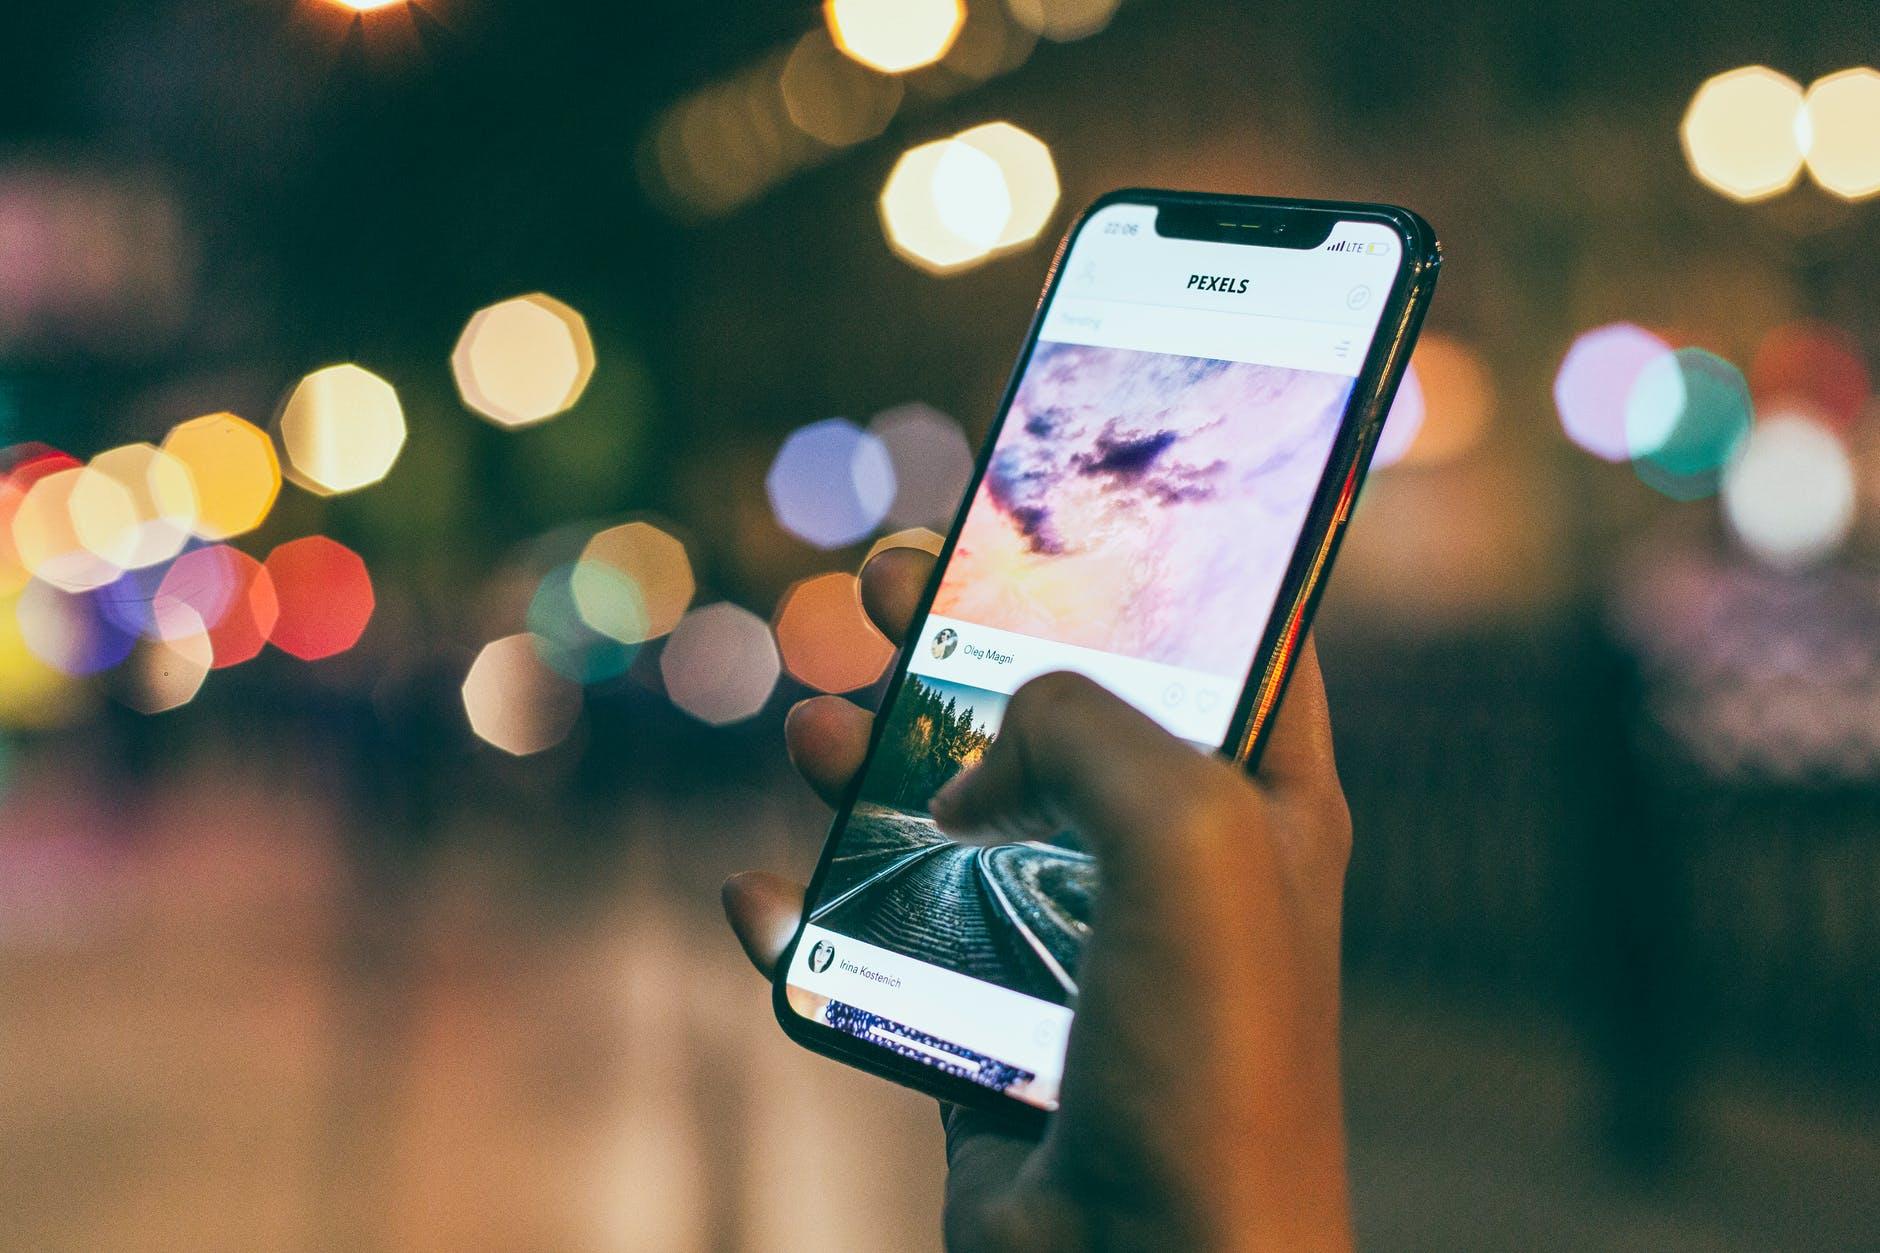 华为手机这个功能太有趣了,可以把照片做成短视频,还能添加声音